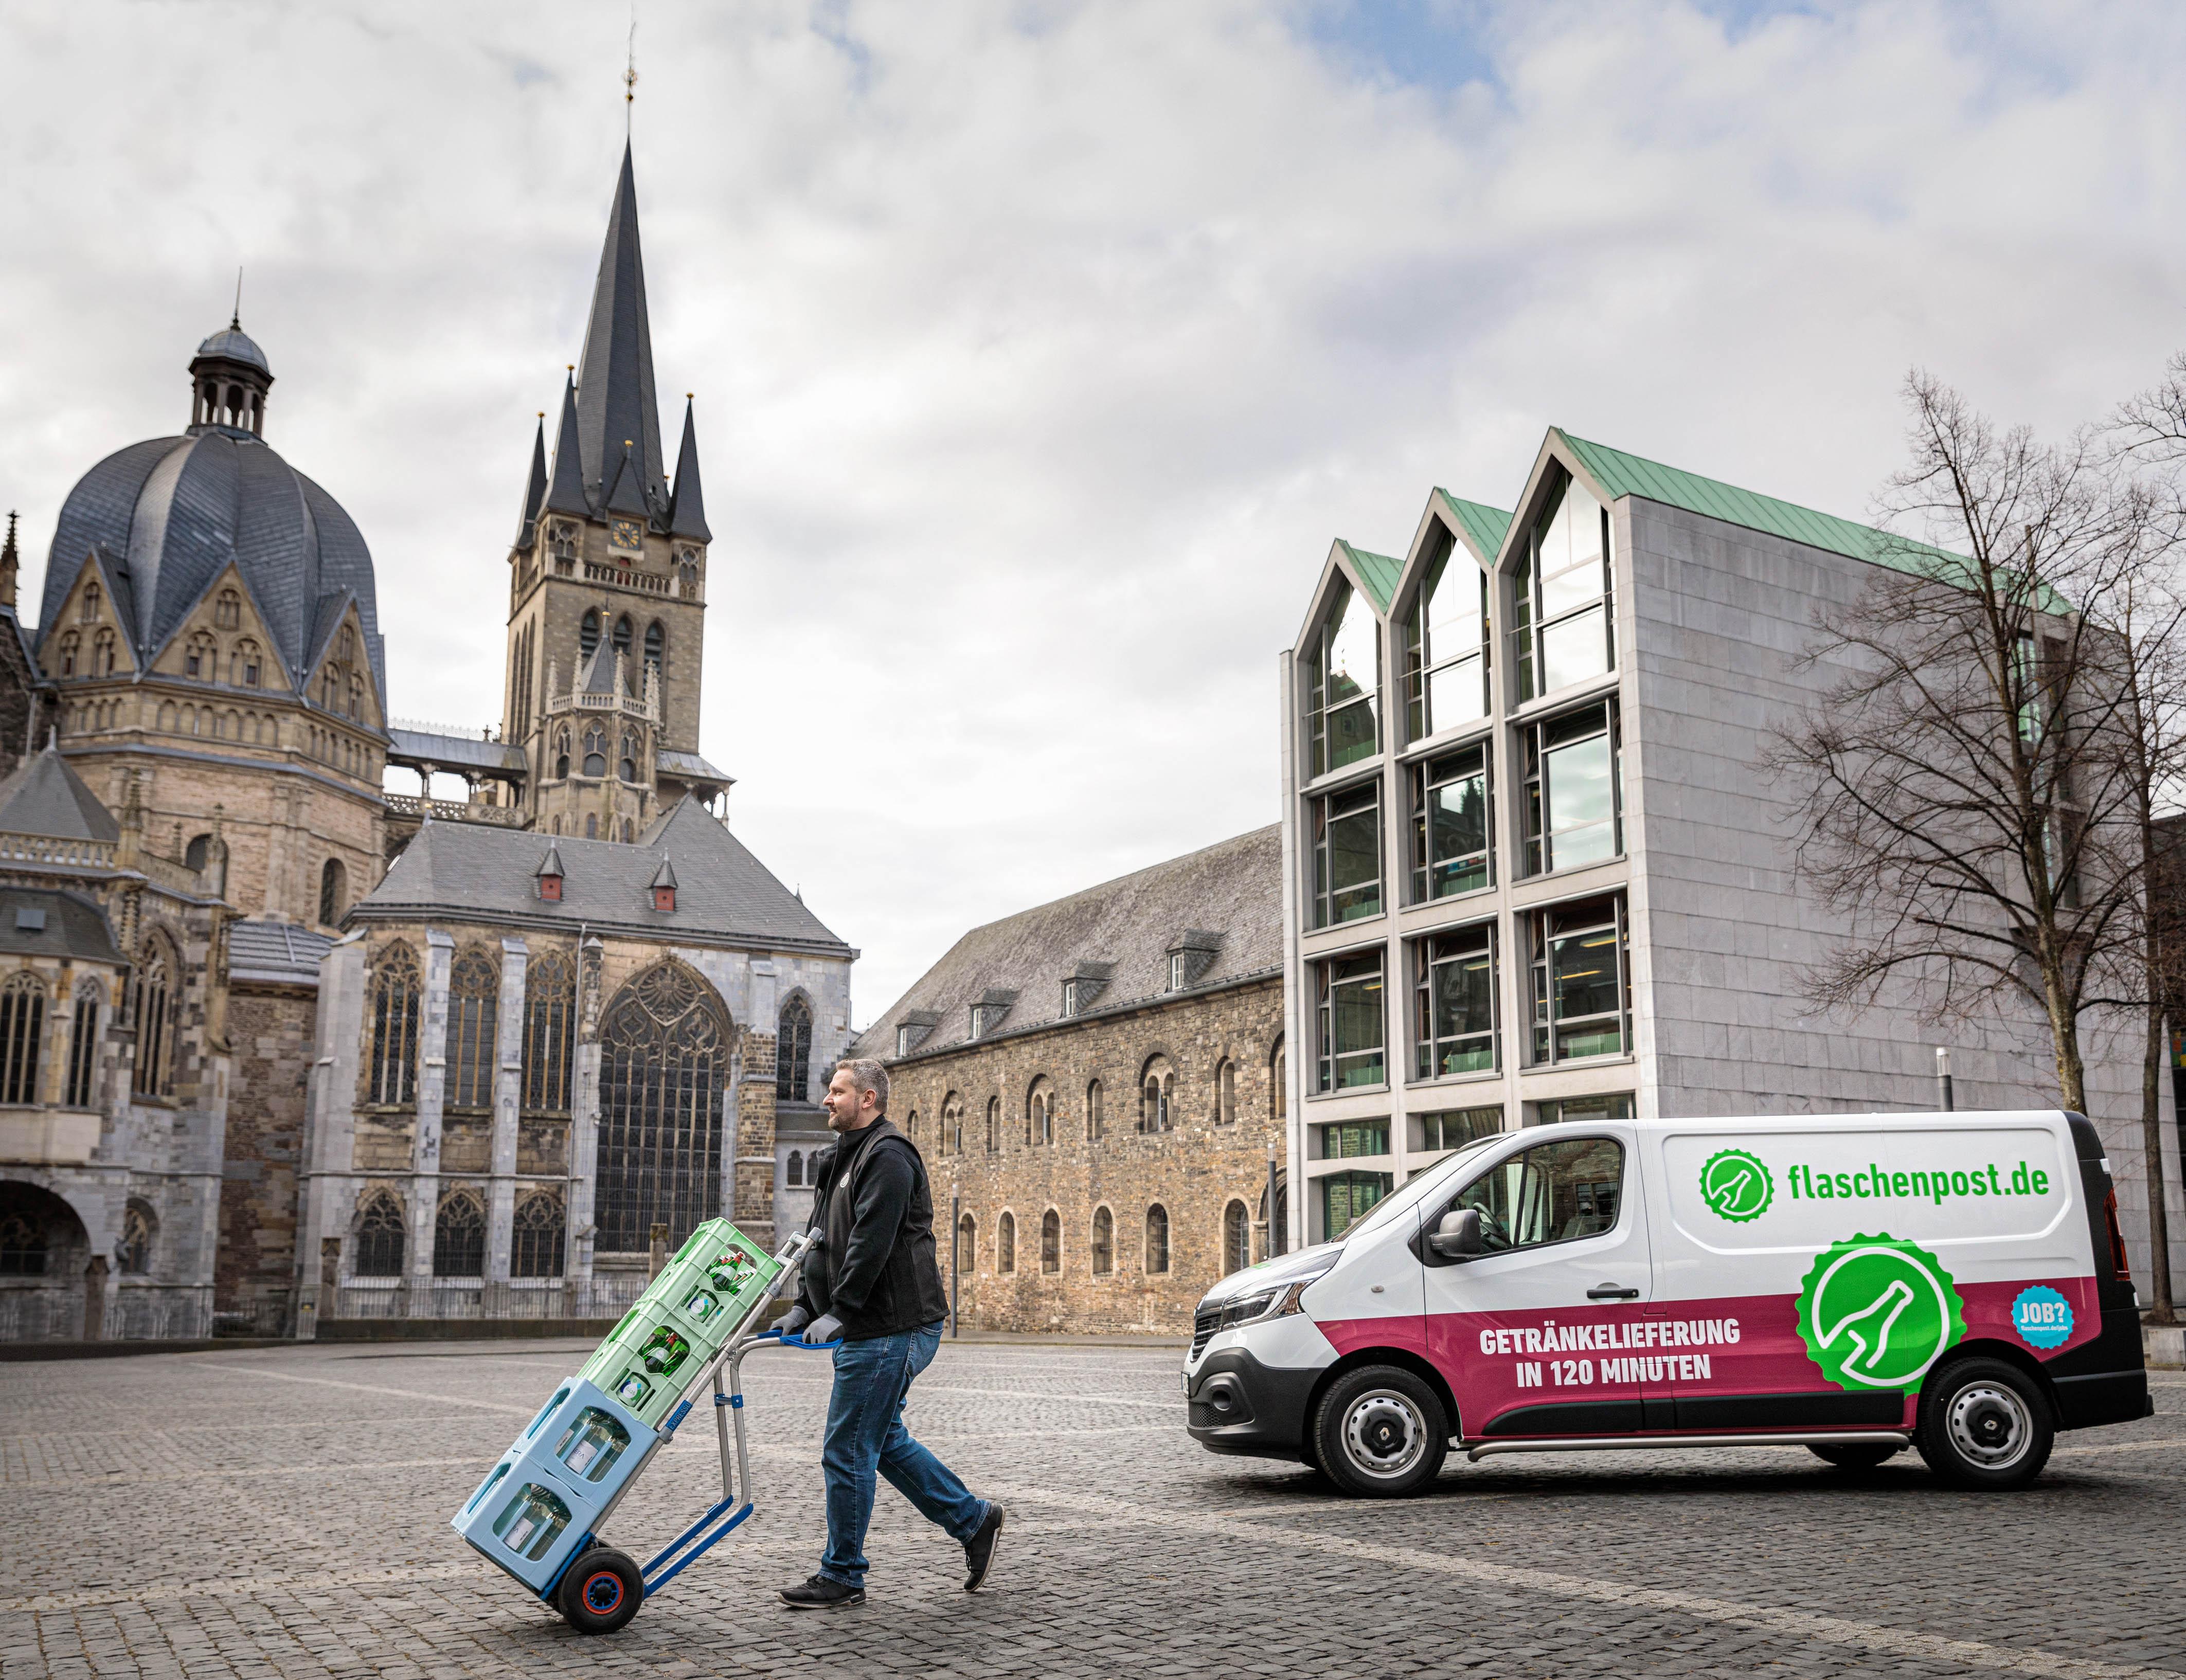 Standorteroeffnung-in-Aachen